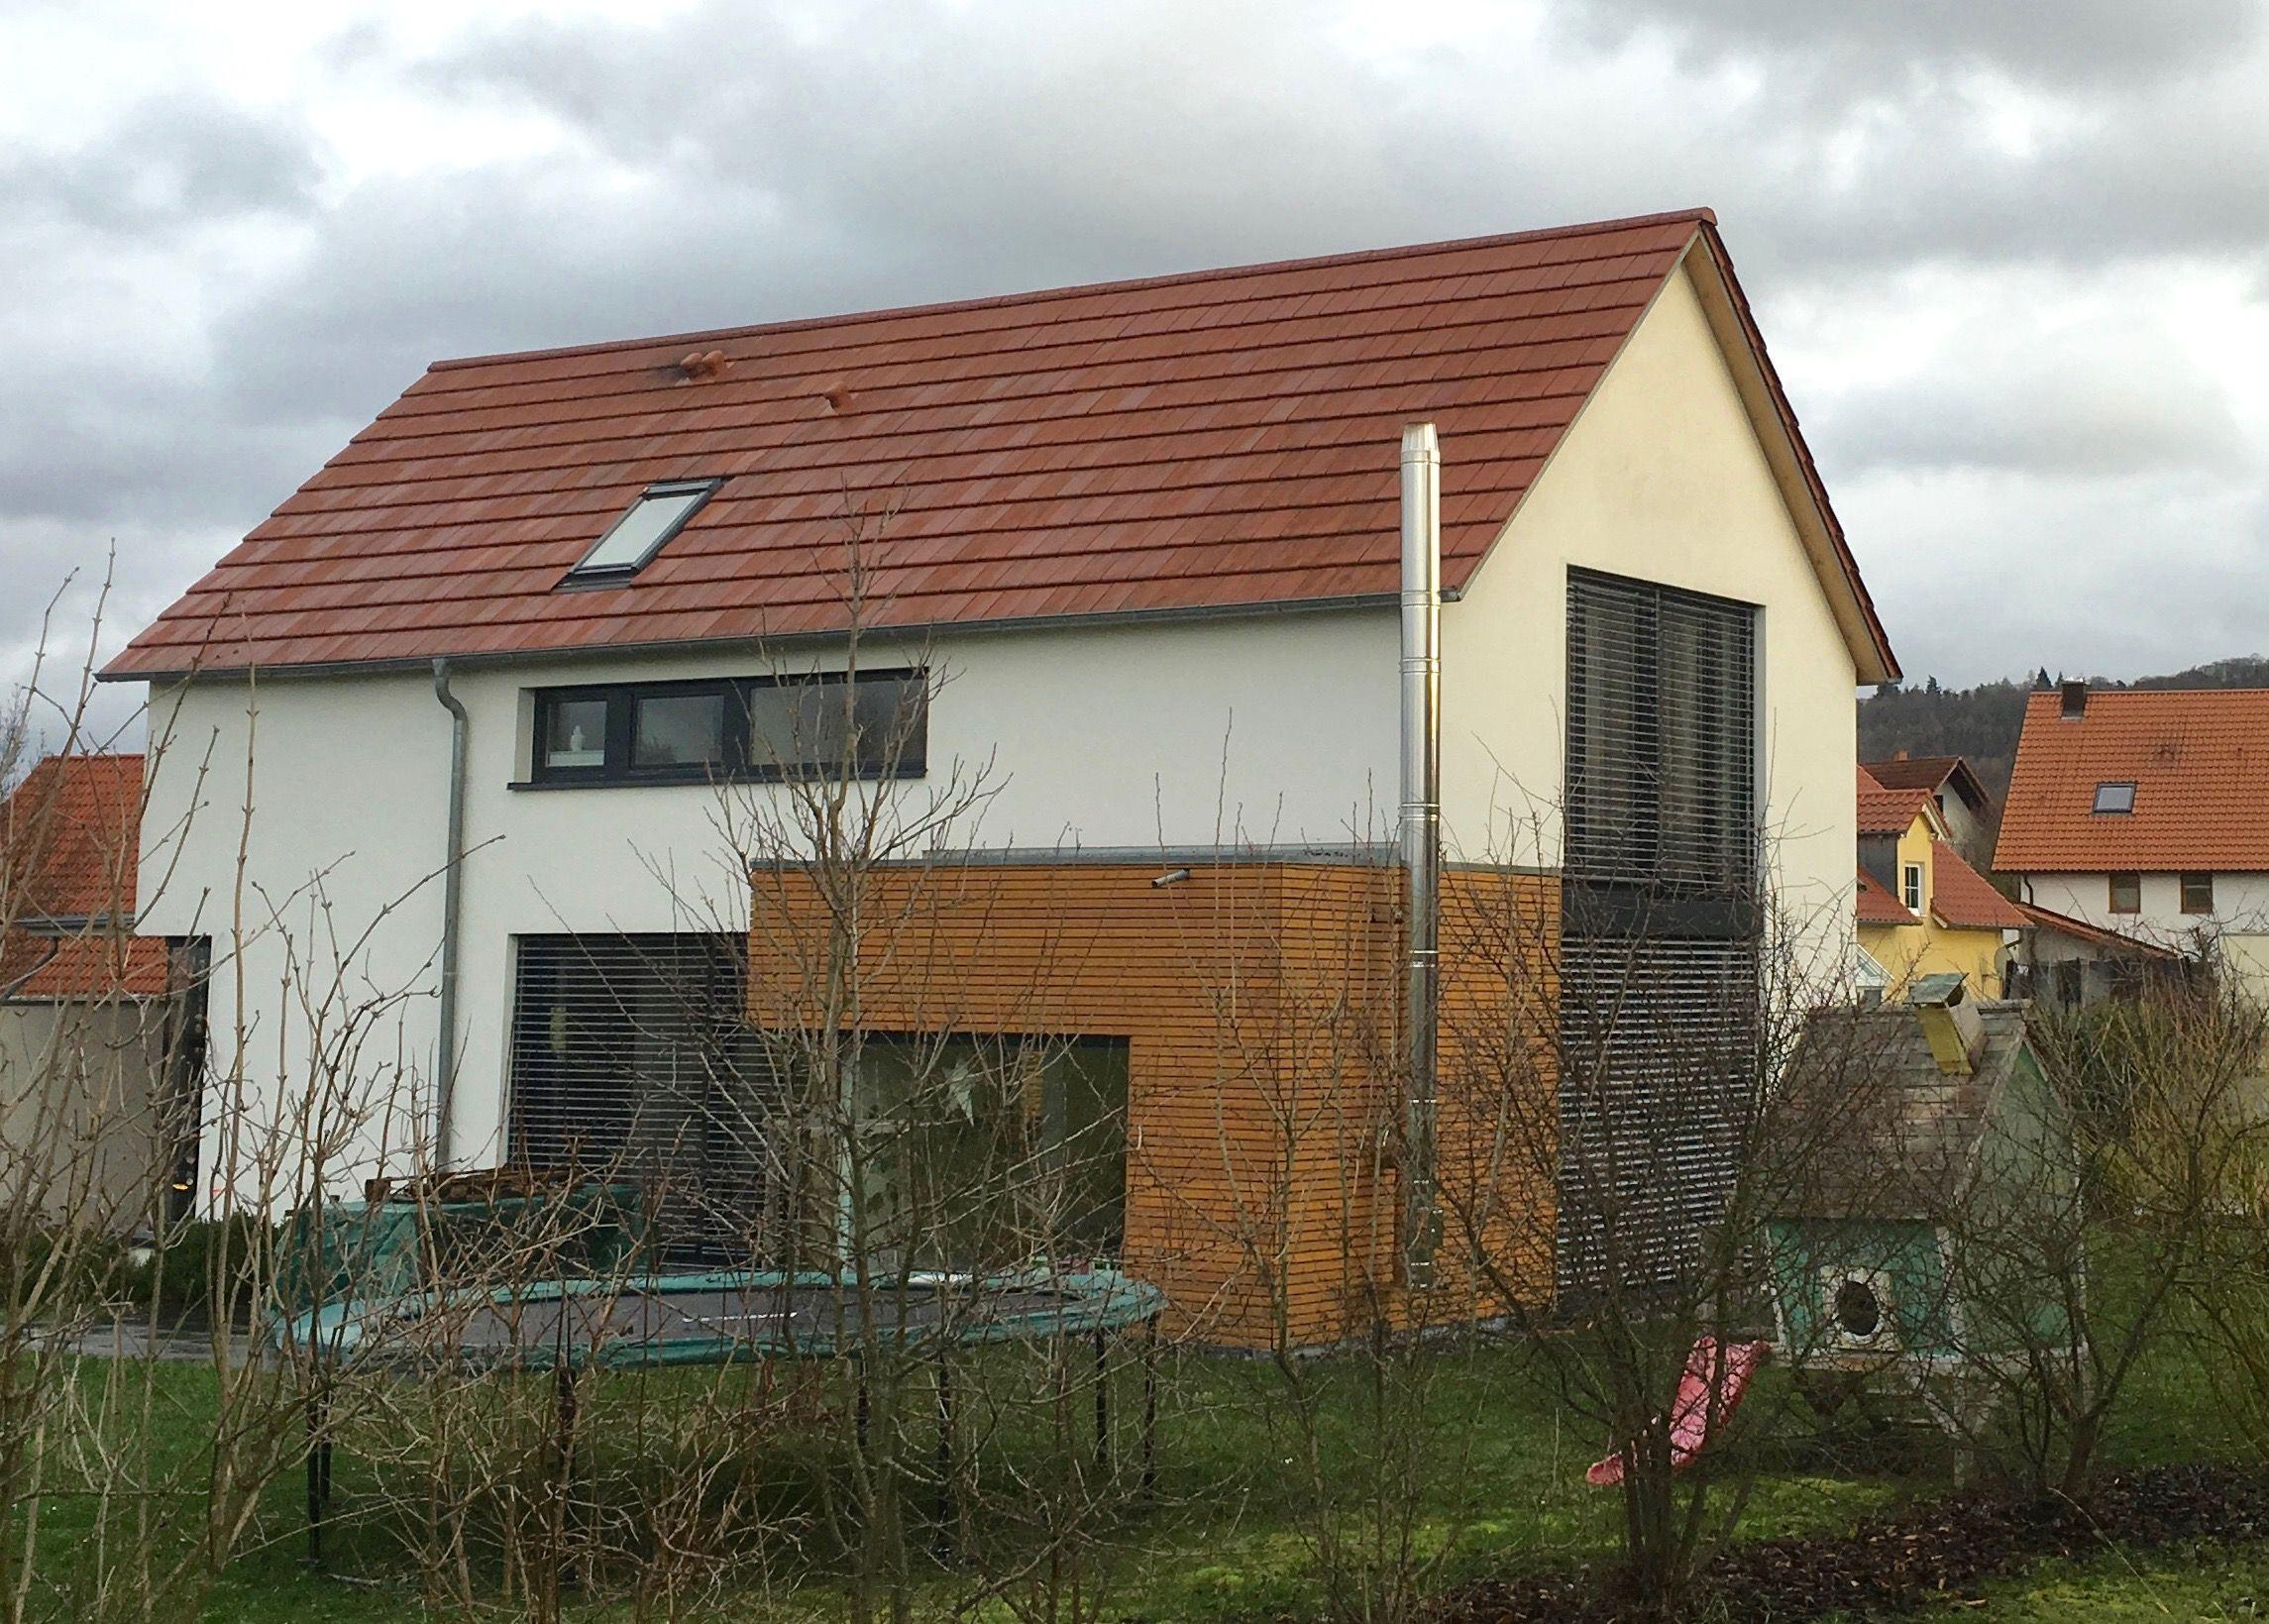 Haus Anbau Holz